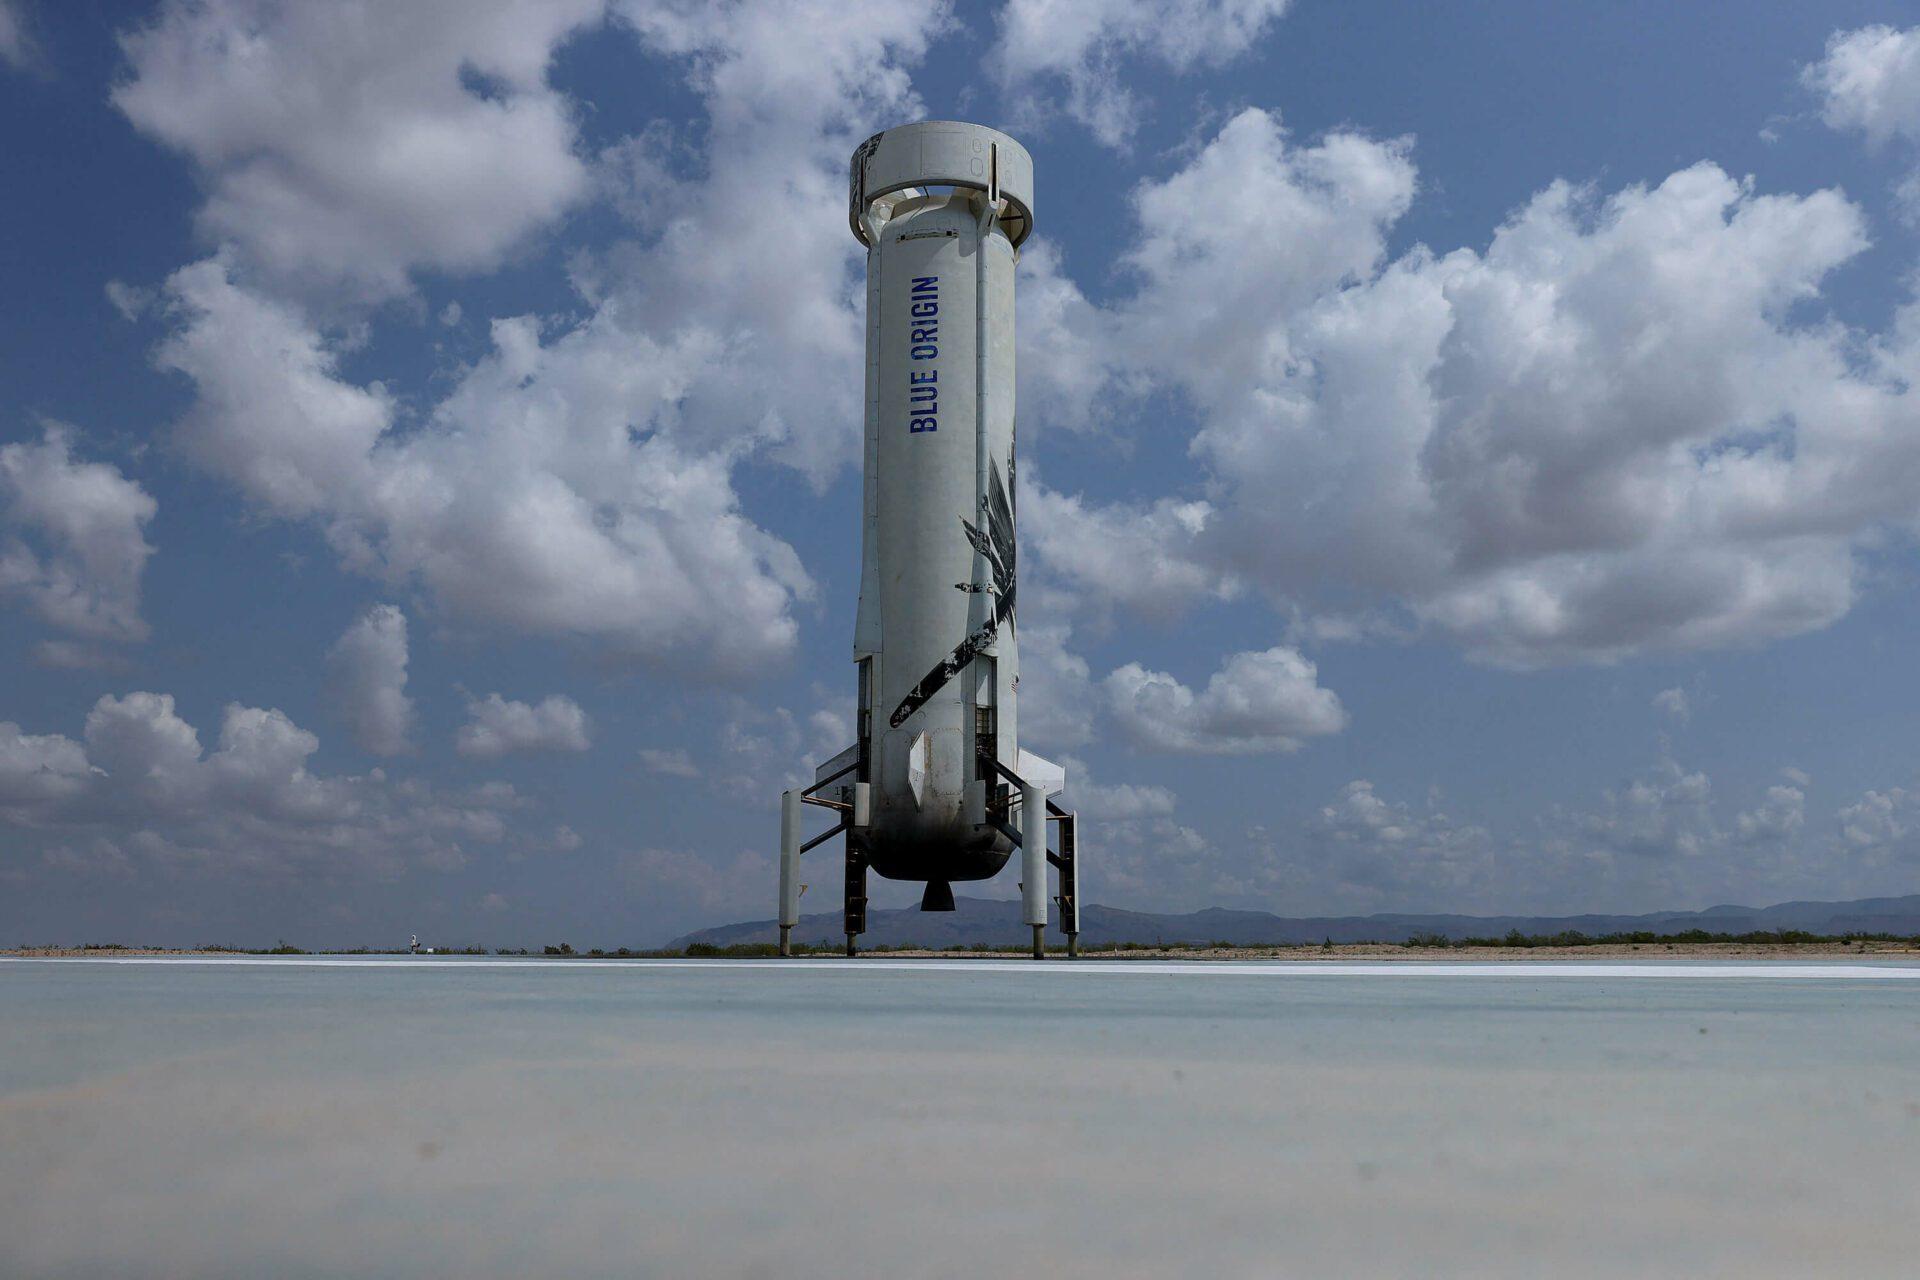 La nave en la que Jeff Bezos viajó por 11 minutos al borde del espacio